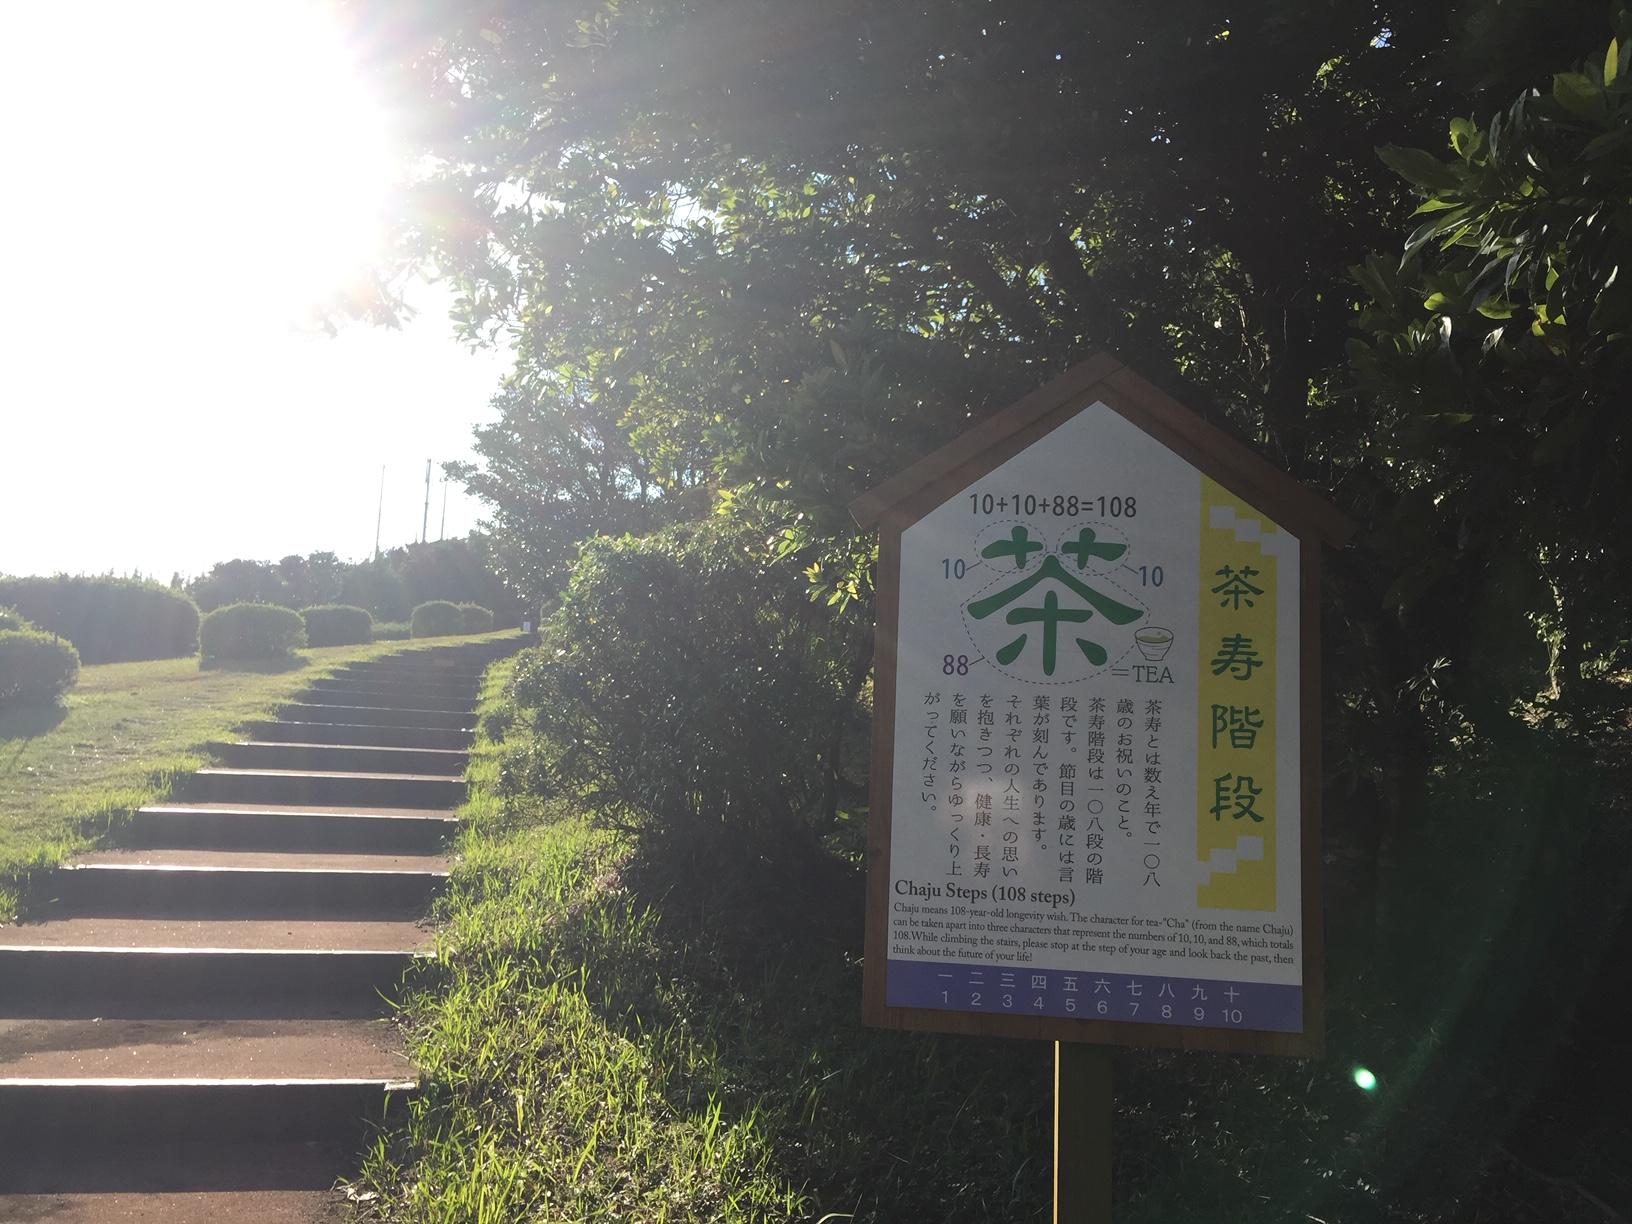 https://kagoshima.onpara.jp/photo/999998/0/3648400.jpg